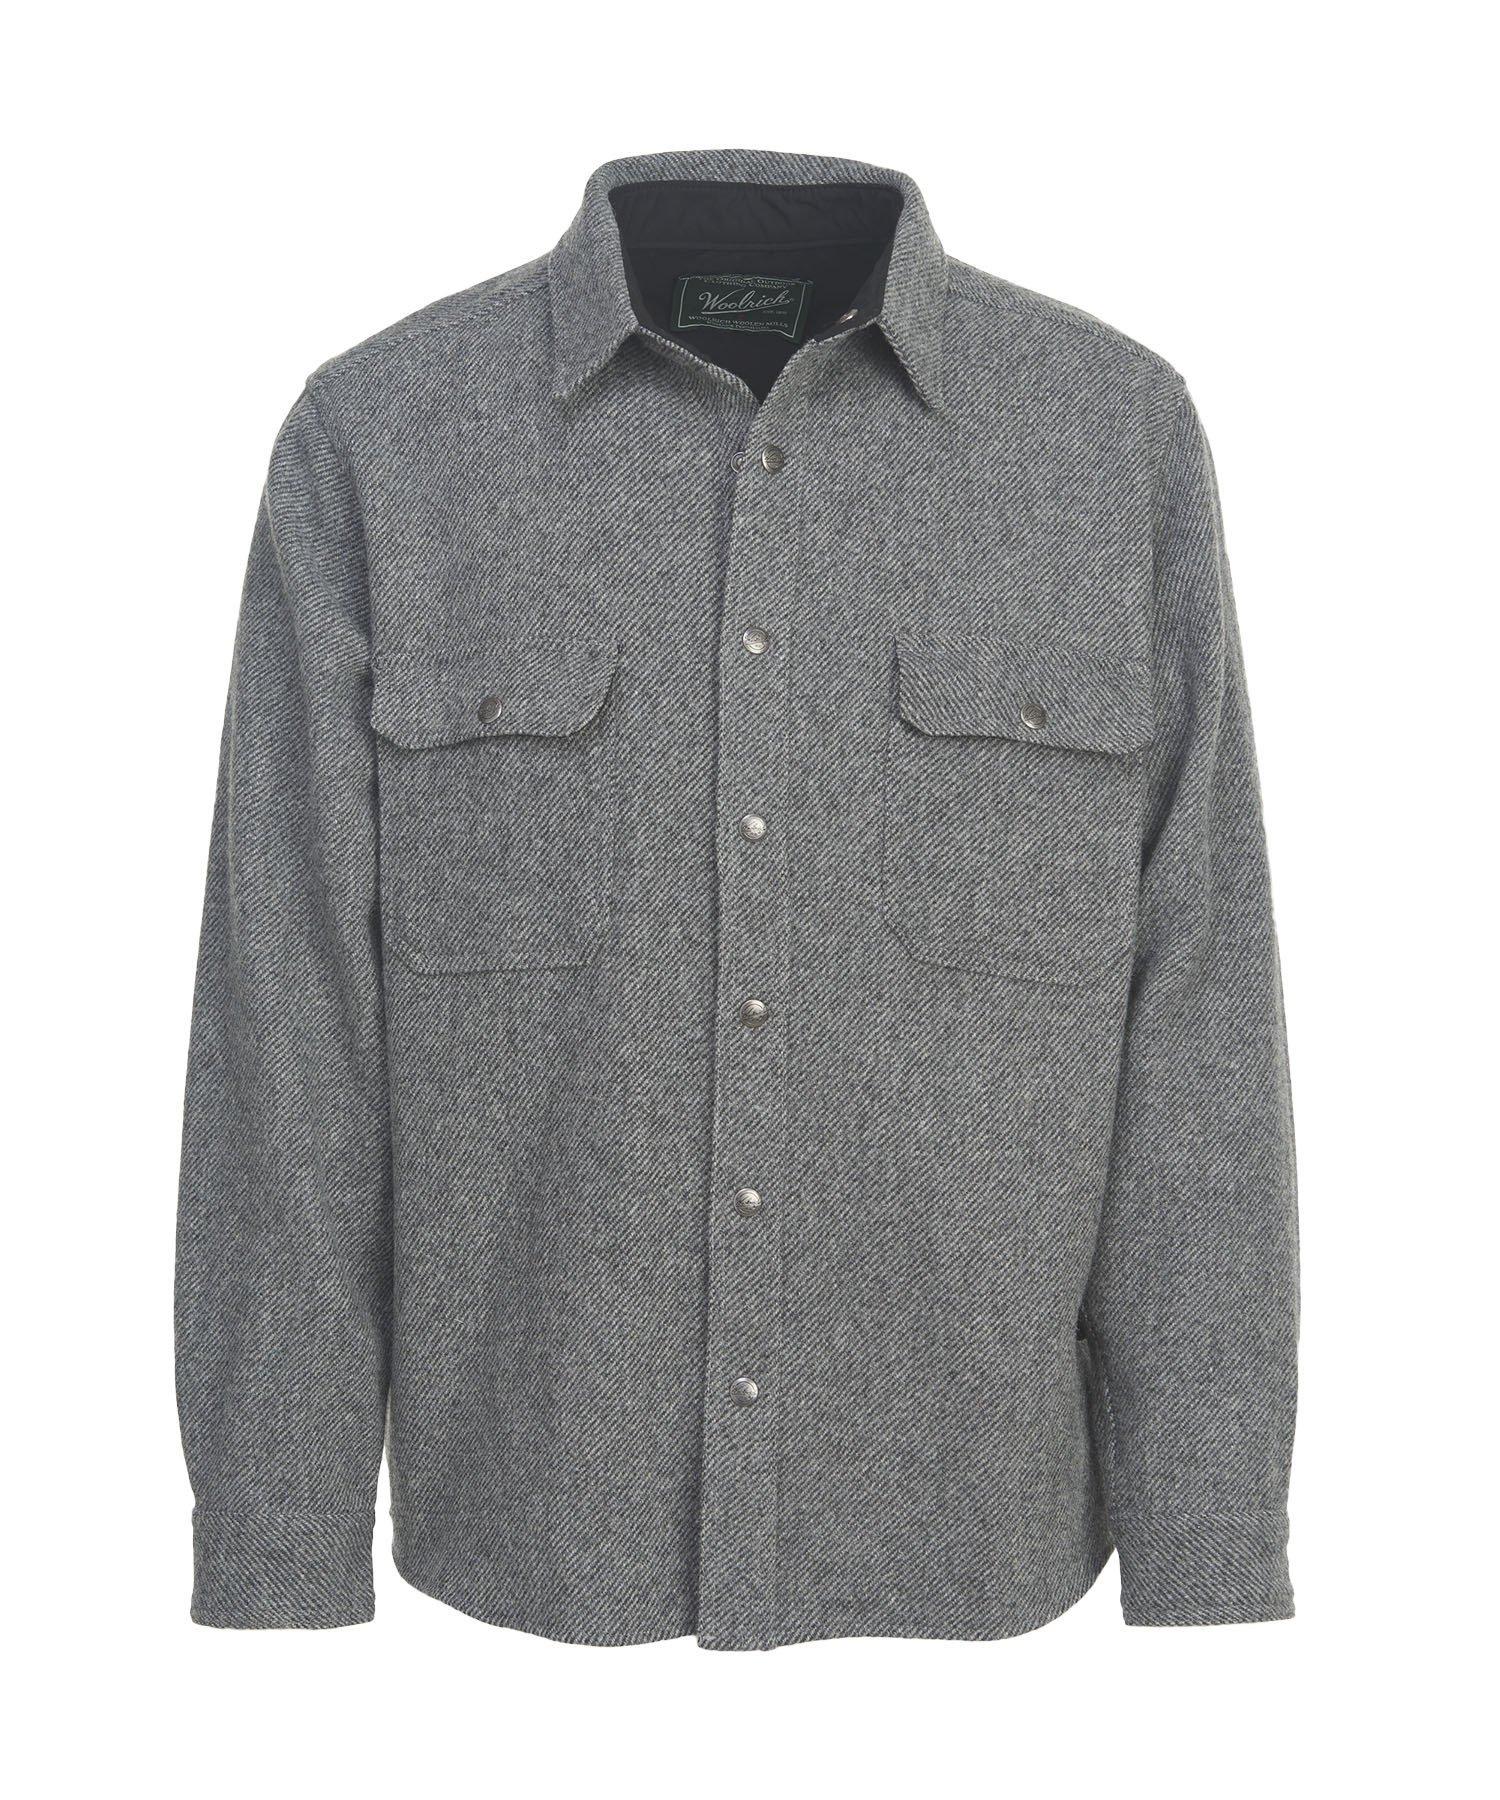 Woolrich Men's Wool Alaskan Shirt, New Gray, Large